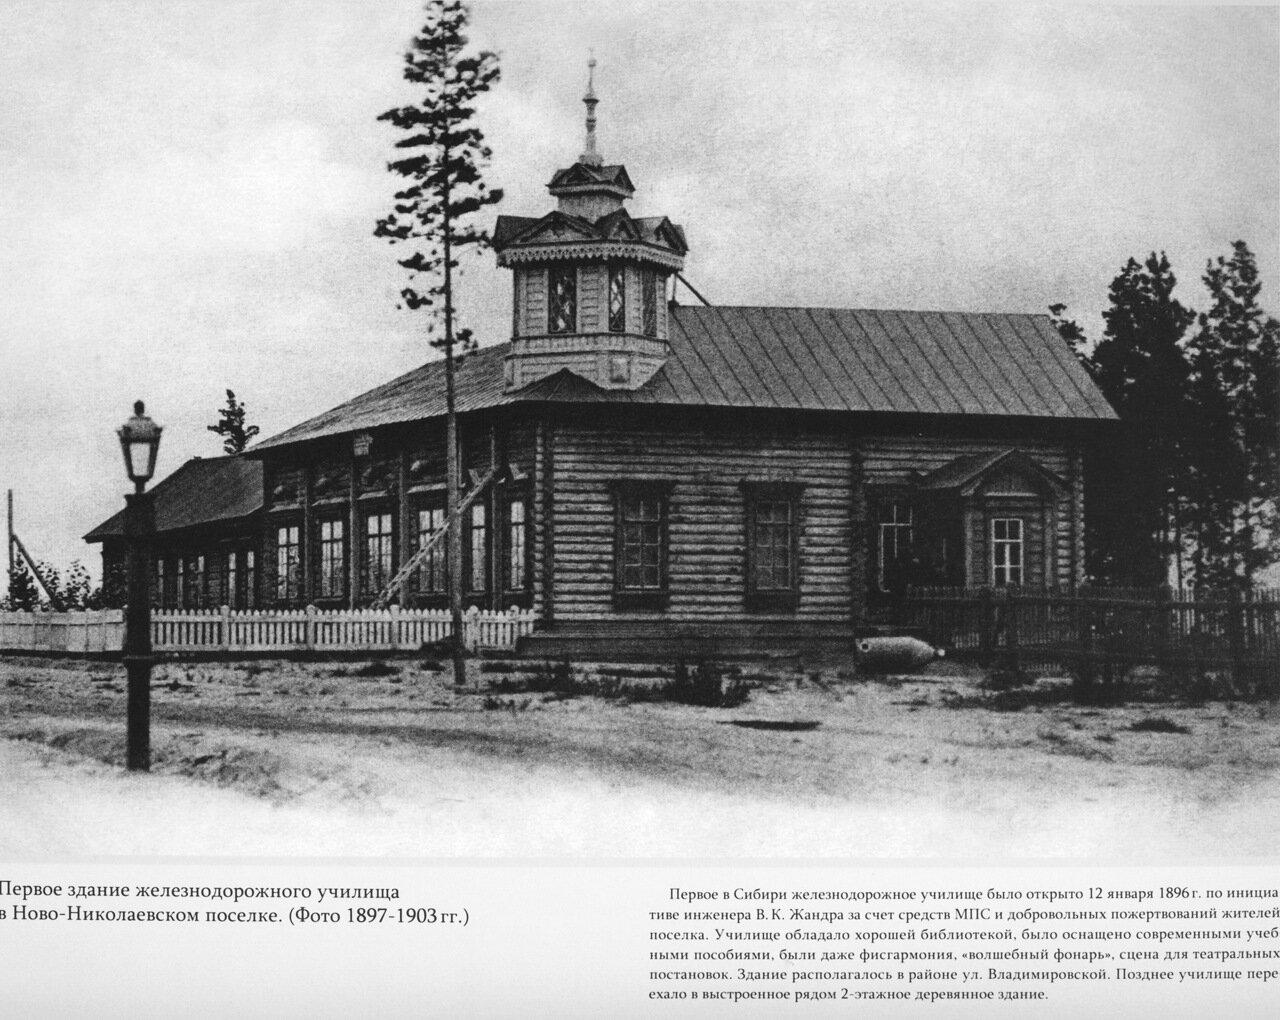 Первое здание железнодорожного училища, 1897-1903 годы